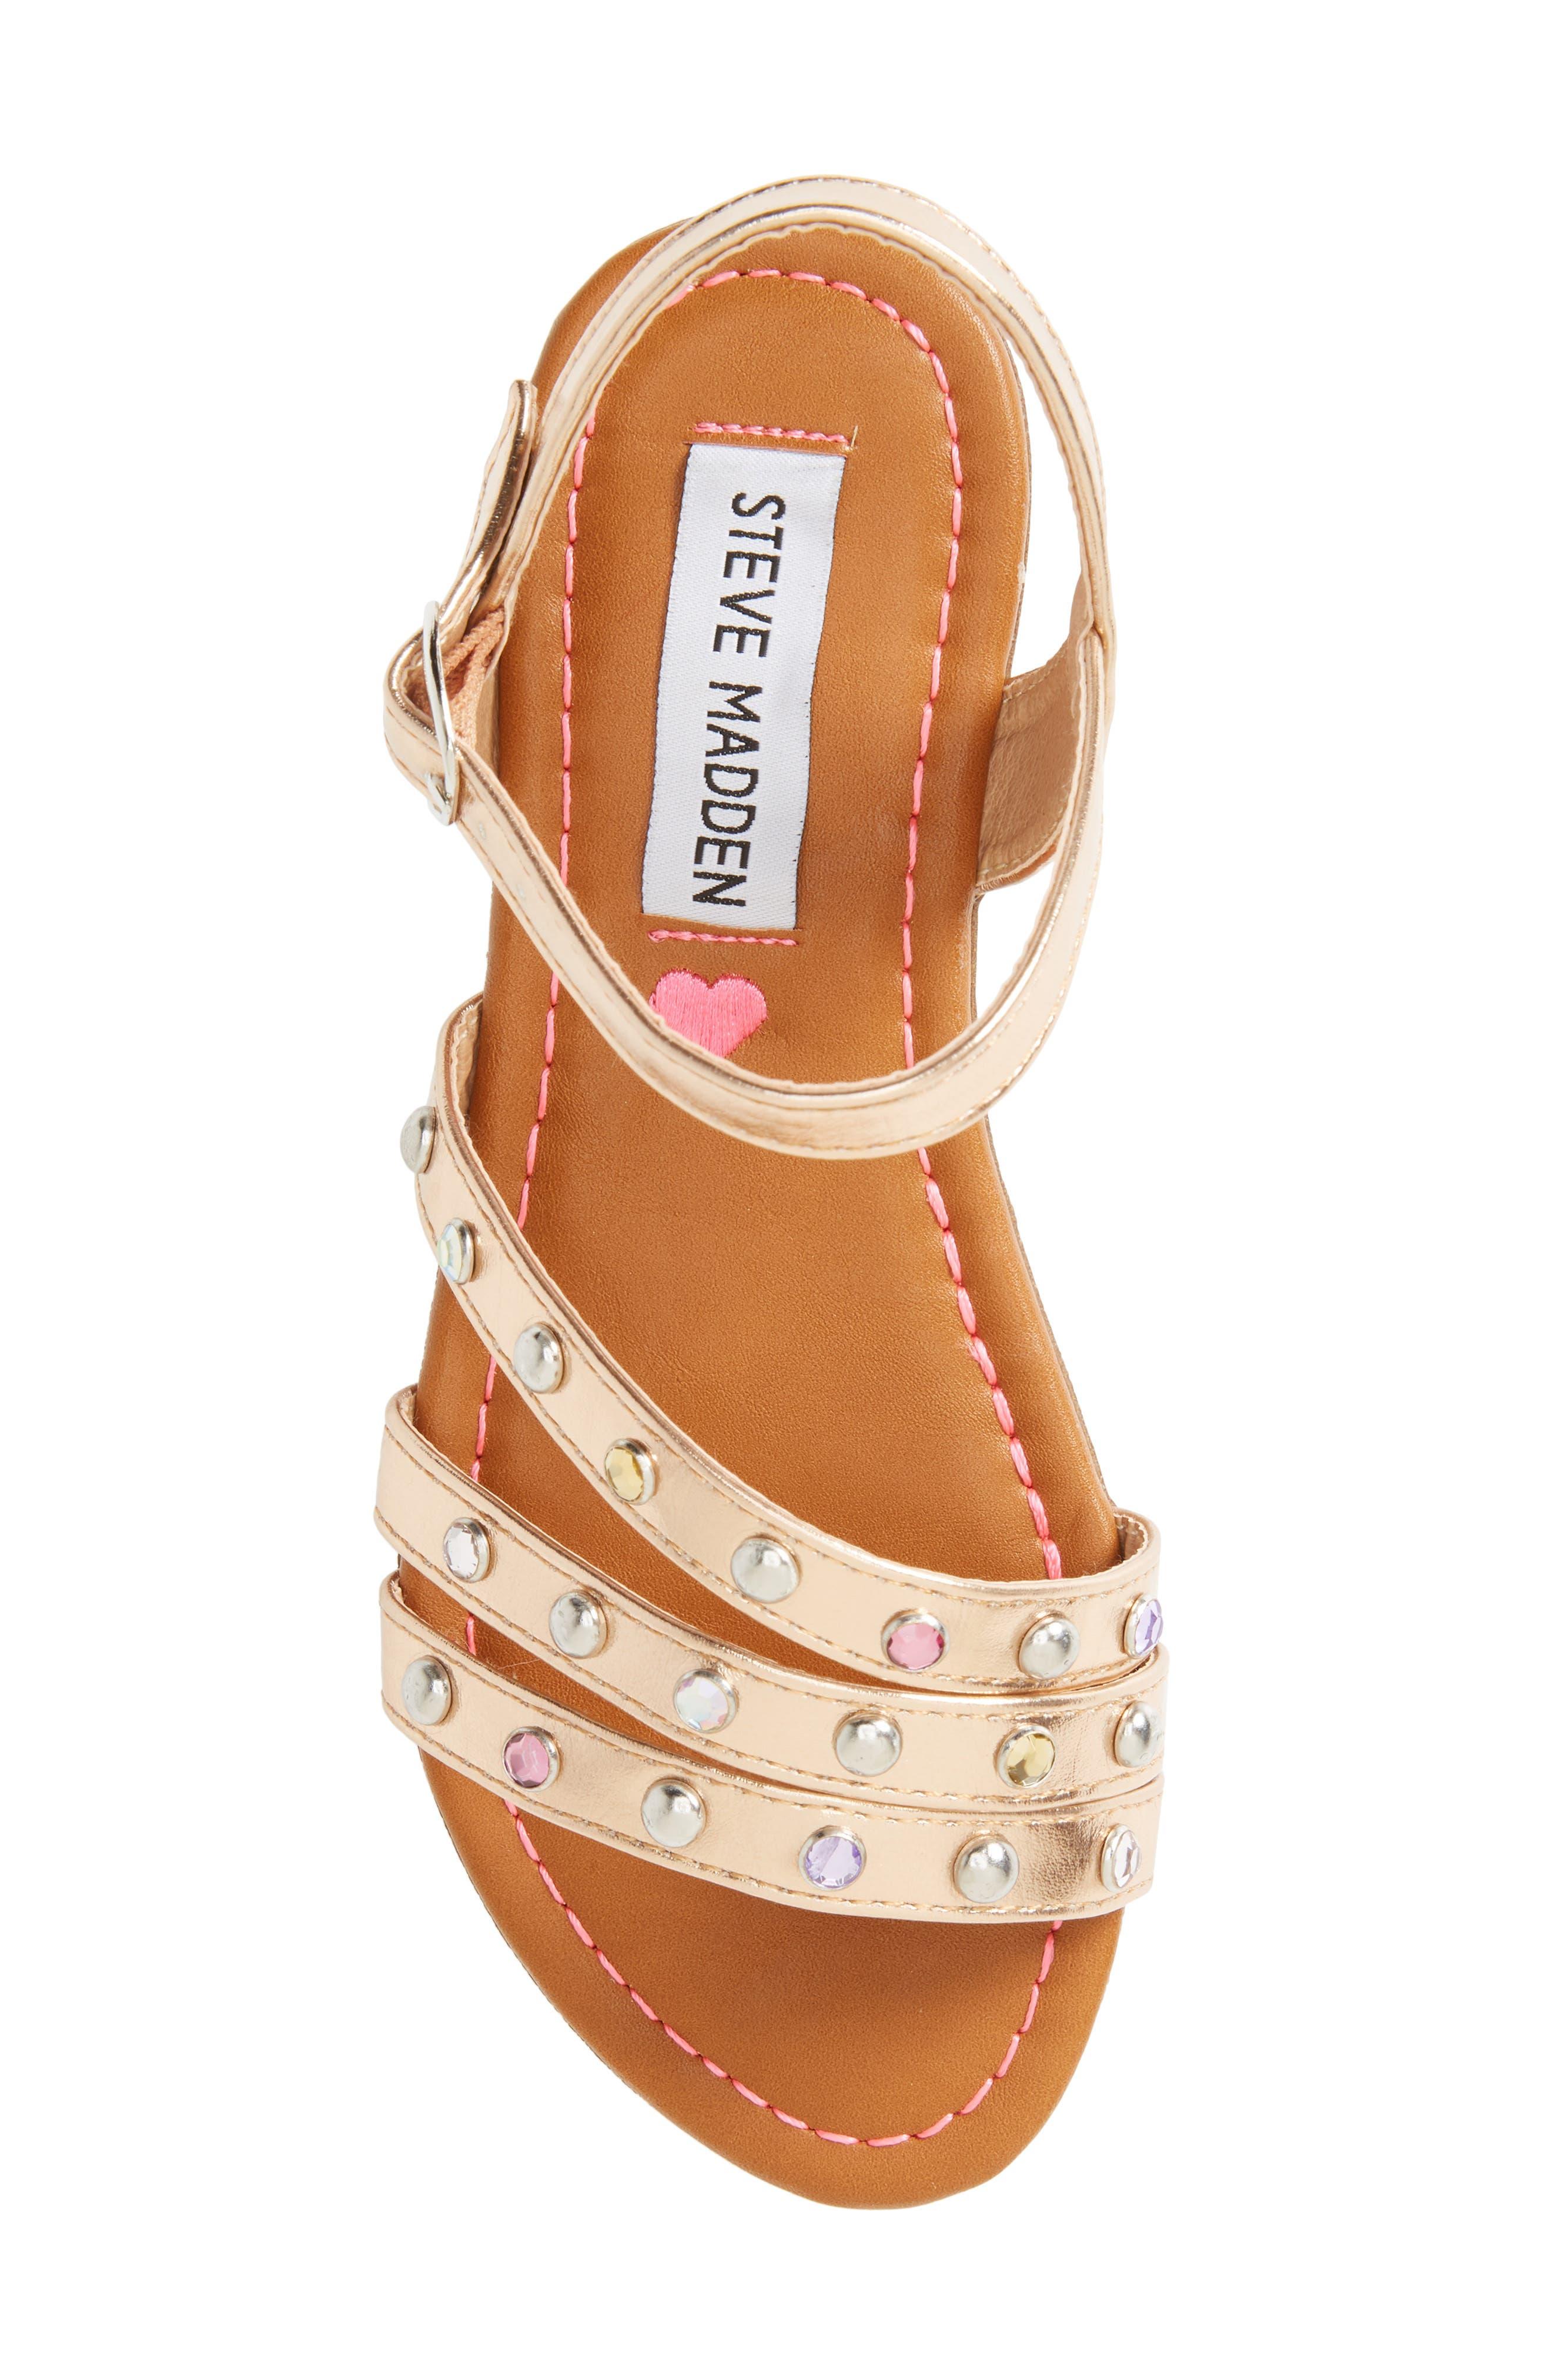 JSUNSET Crystal Embellished Sandal,                             Alternate thumbnail 5, color,                             712